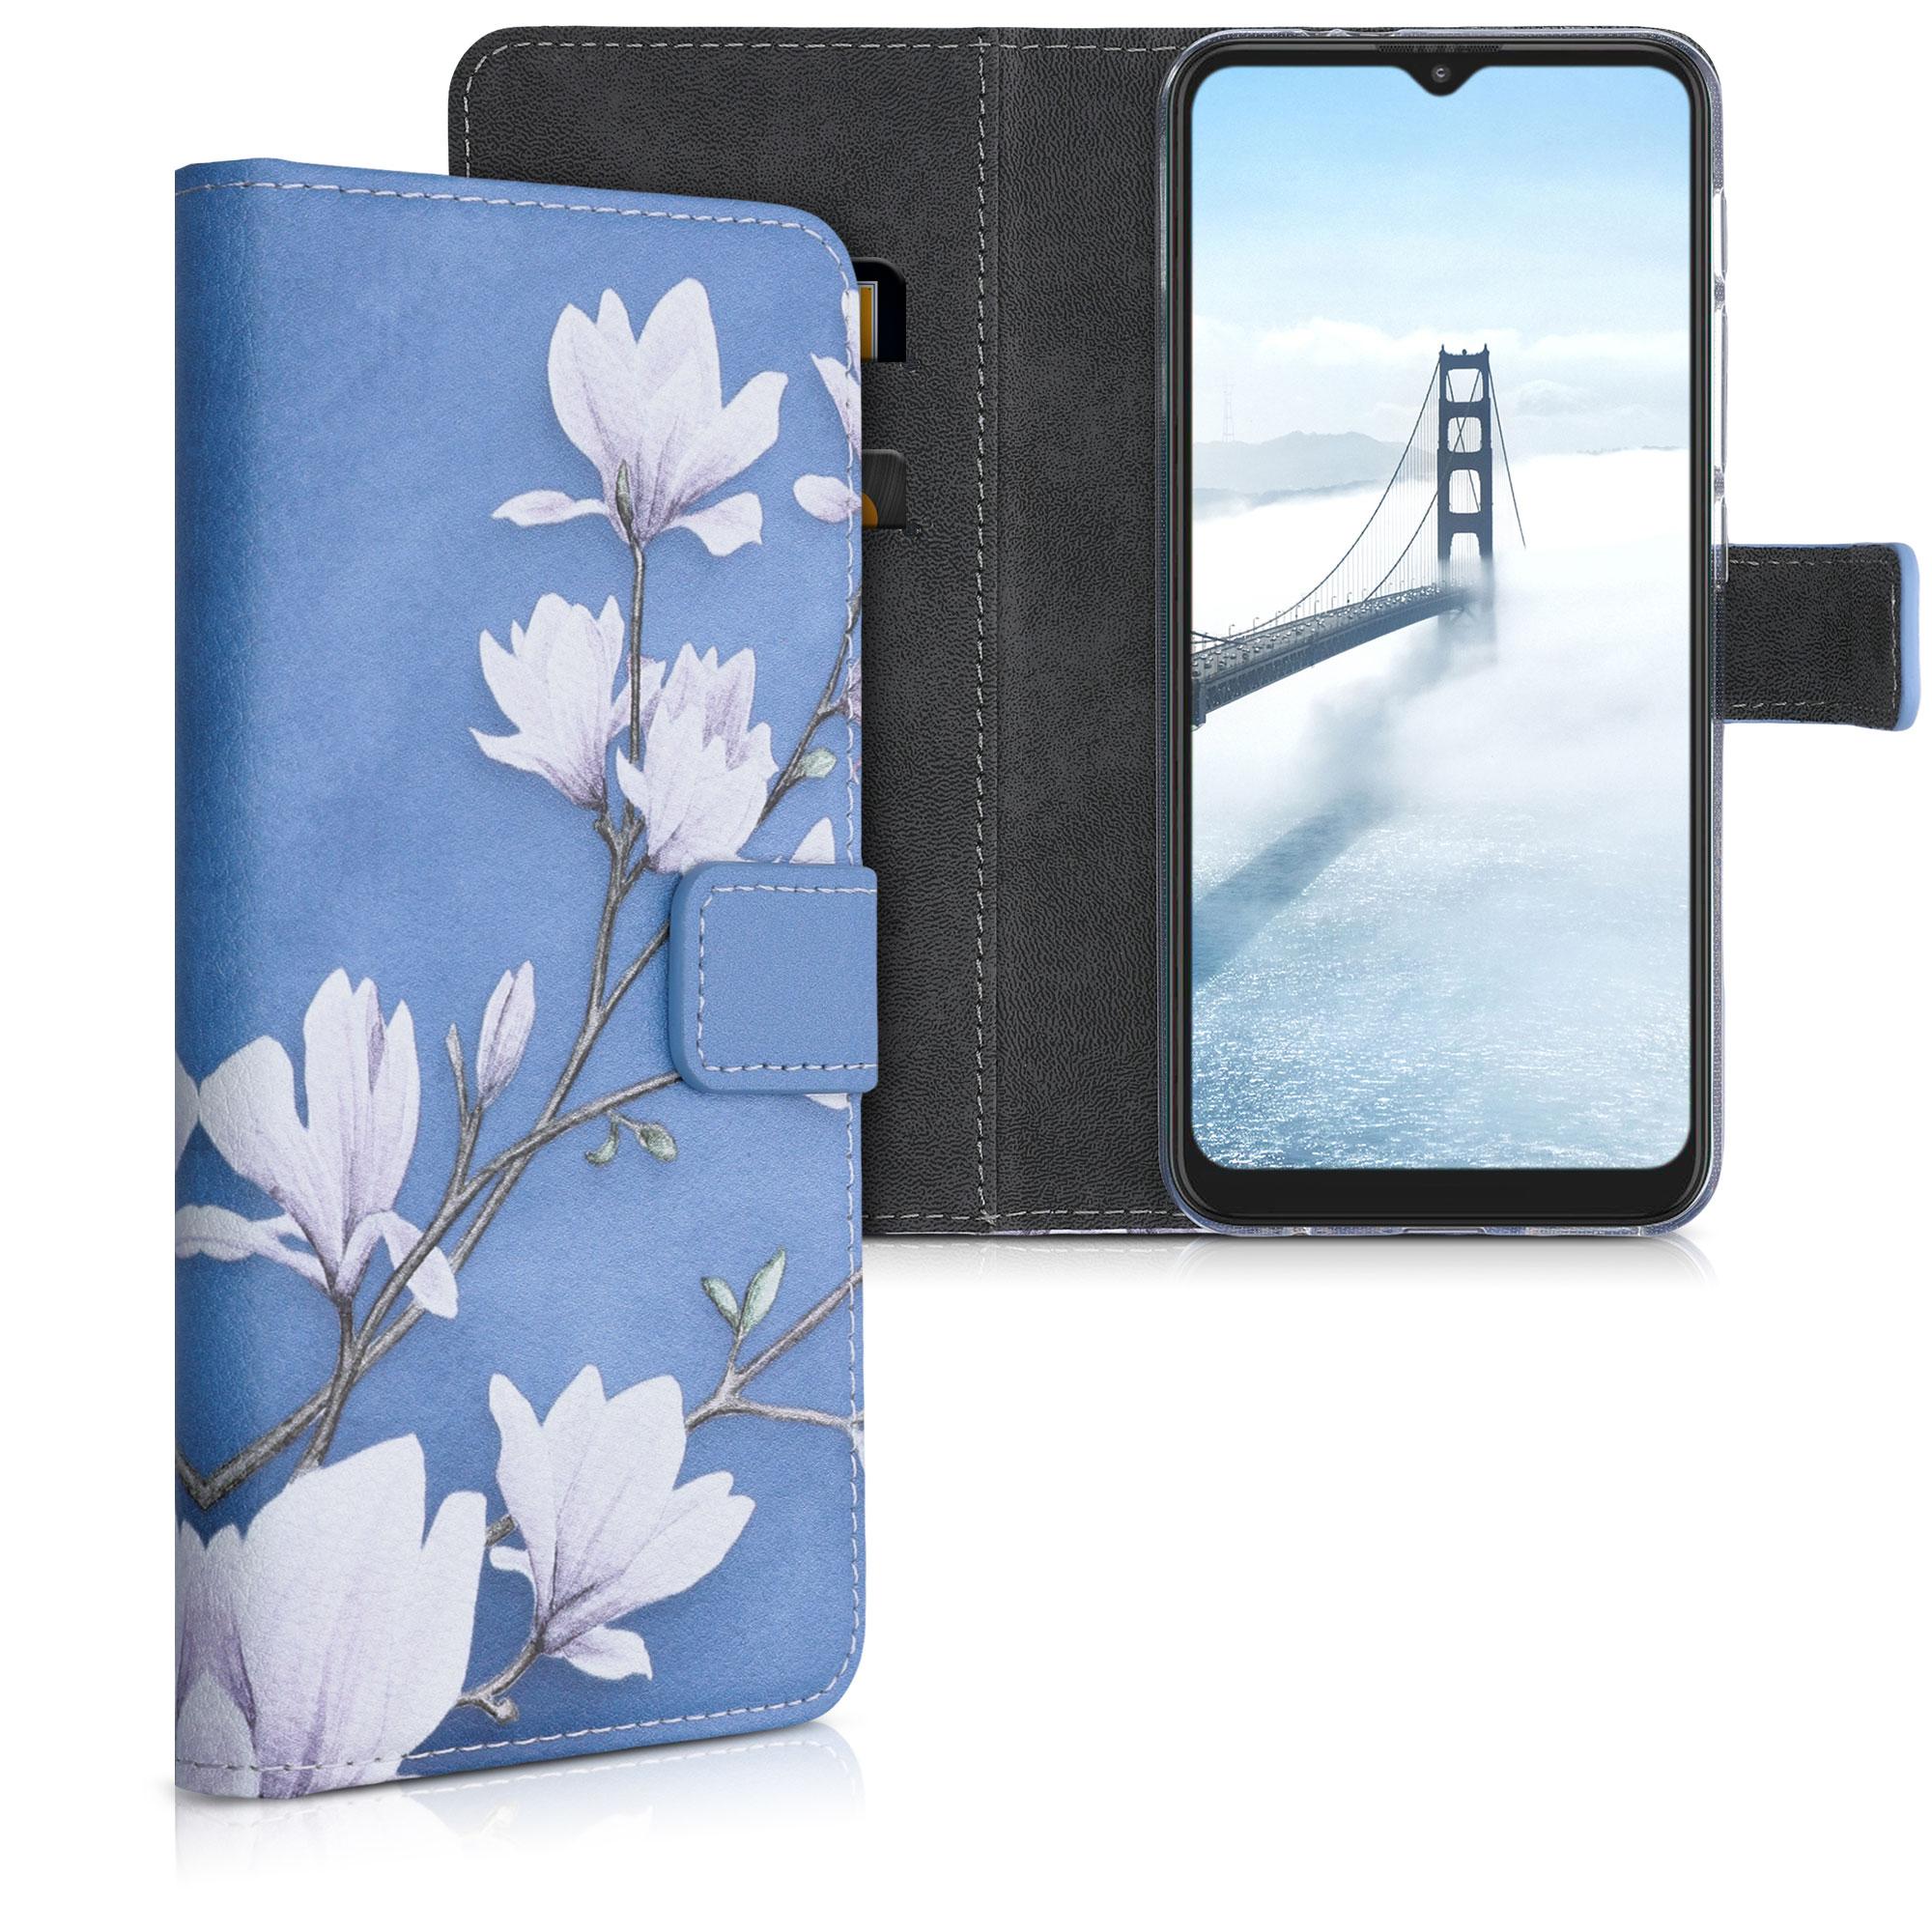 Kožené pouzdro   obal pro Motorola Moto G9 Play / Moto E7 Plus -  Magnolias Taupe / White / Blue Grey